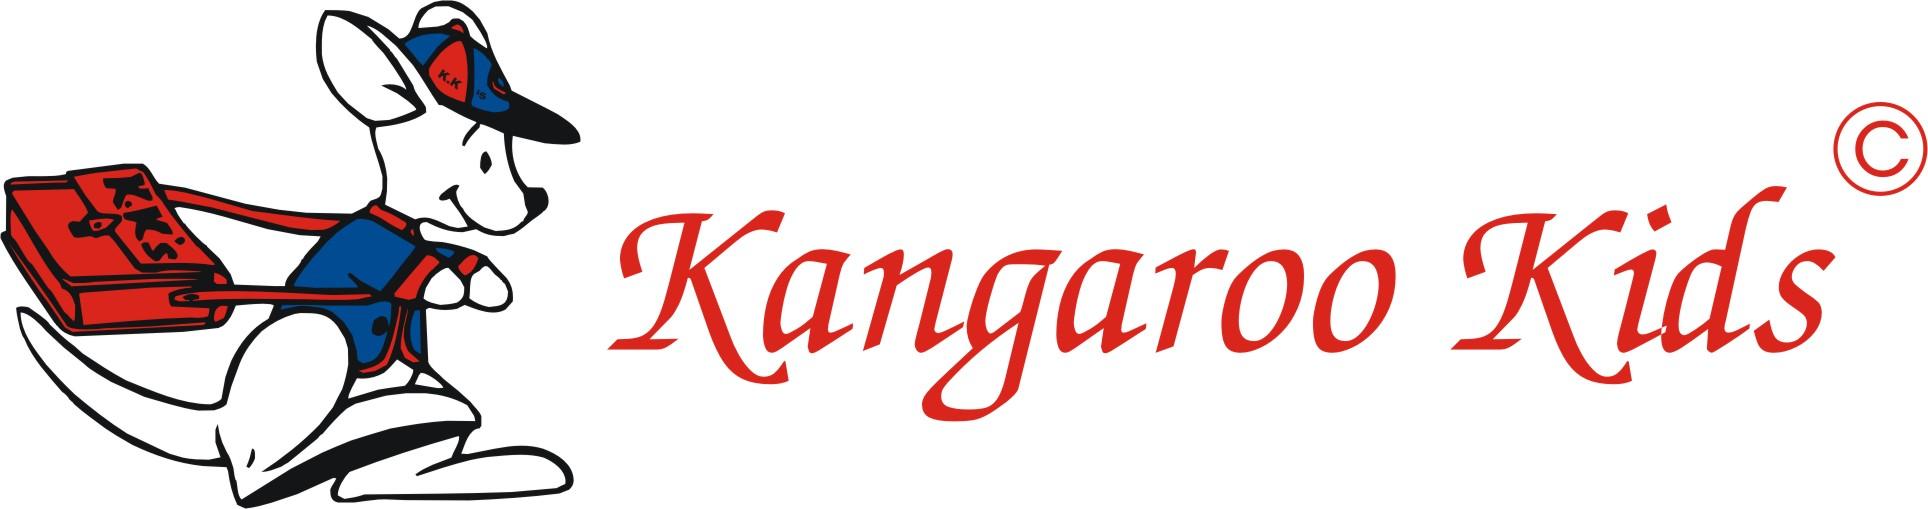 Kangaroo Kids - Santacruz - Mumbai Image